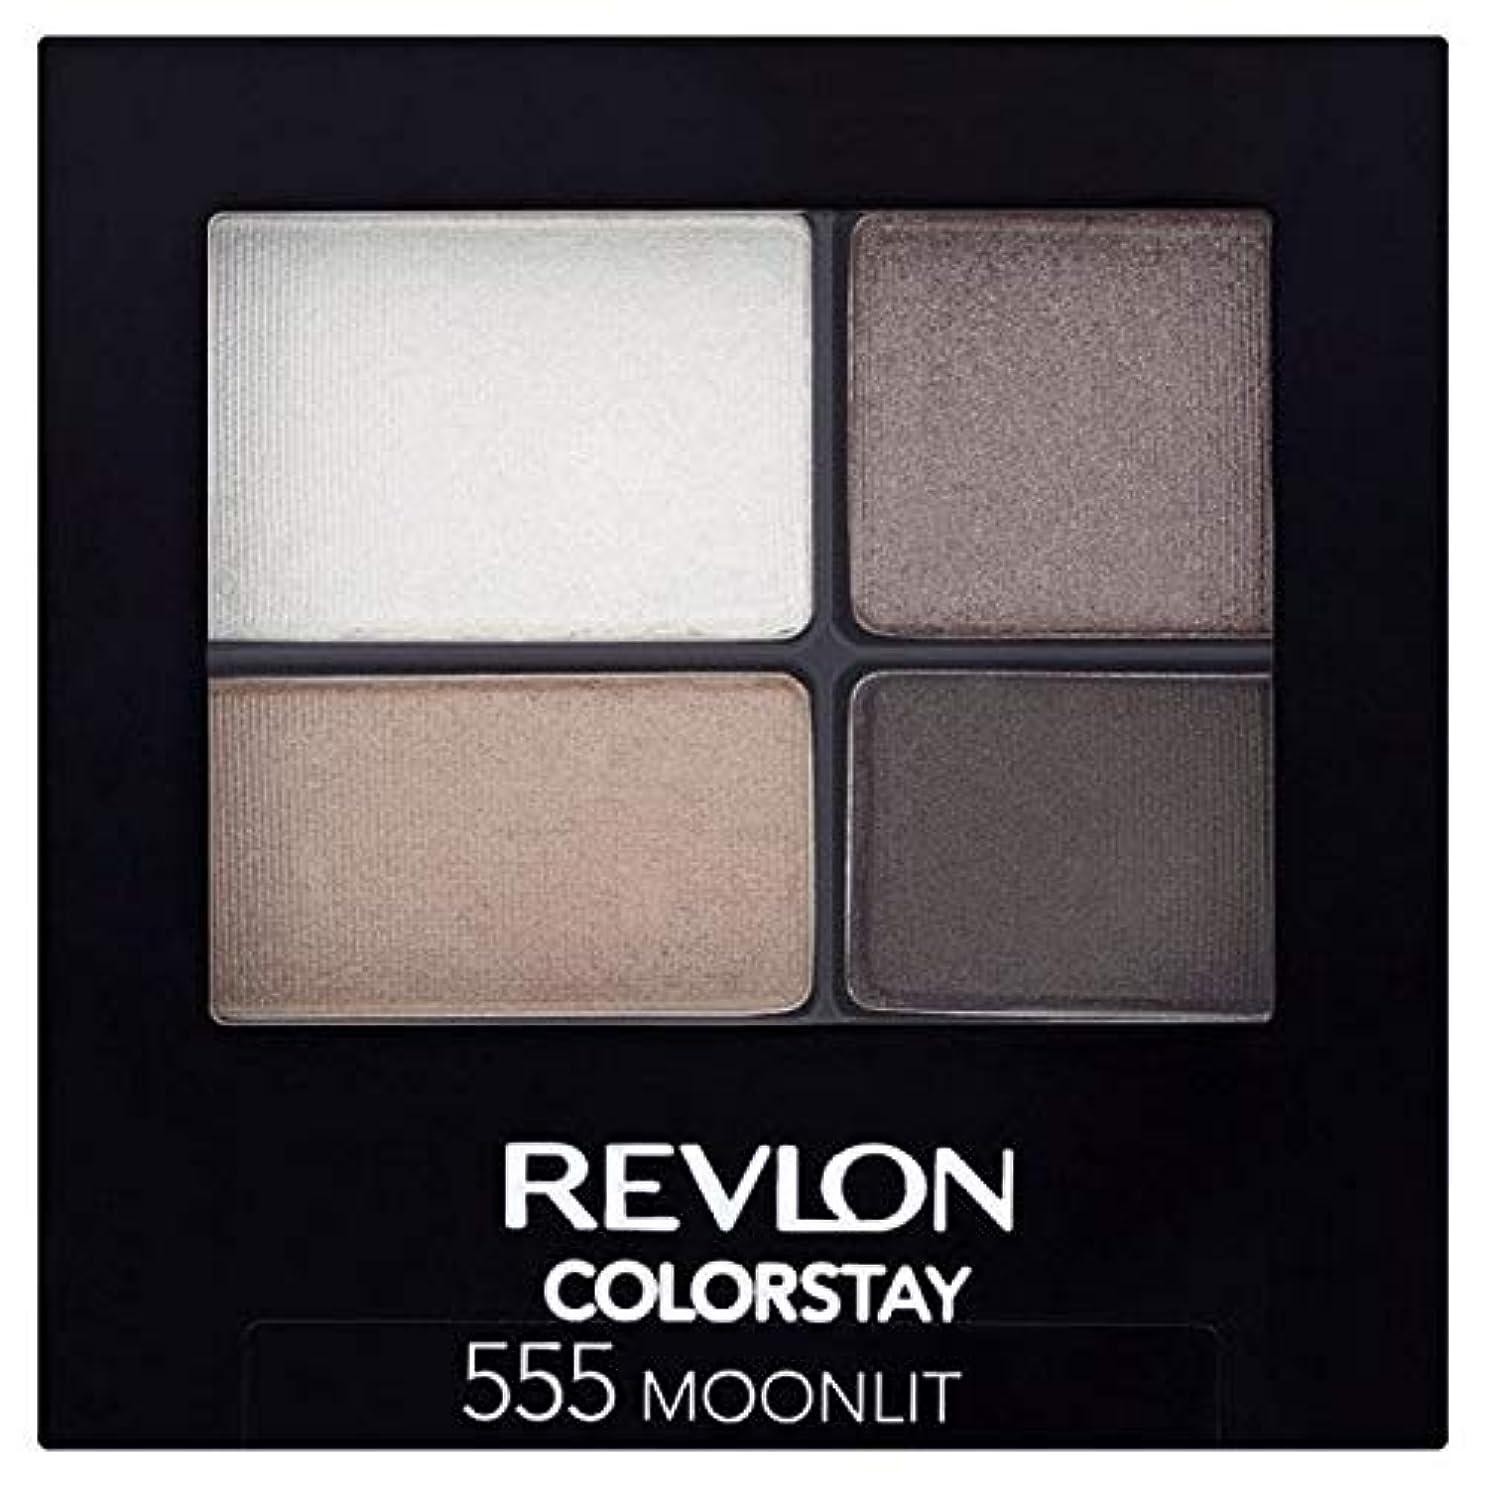 実り多いプライムポジション[Revlon ] レブロンColorstay 16時間のアイシャドウは555月光 - Revlon Colorstay 16 Hour Eye Shadow Moonlight 555 [並行輸入品]